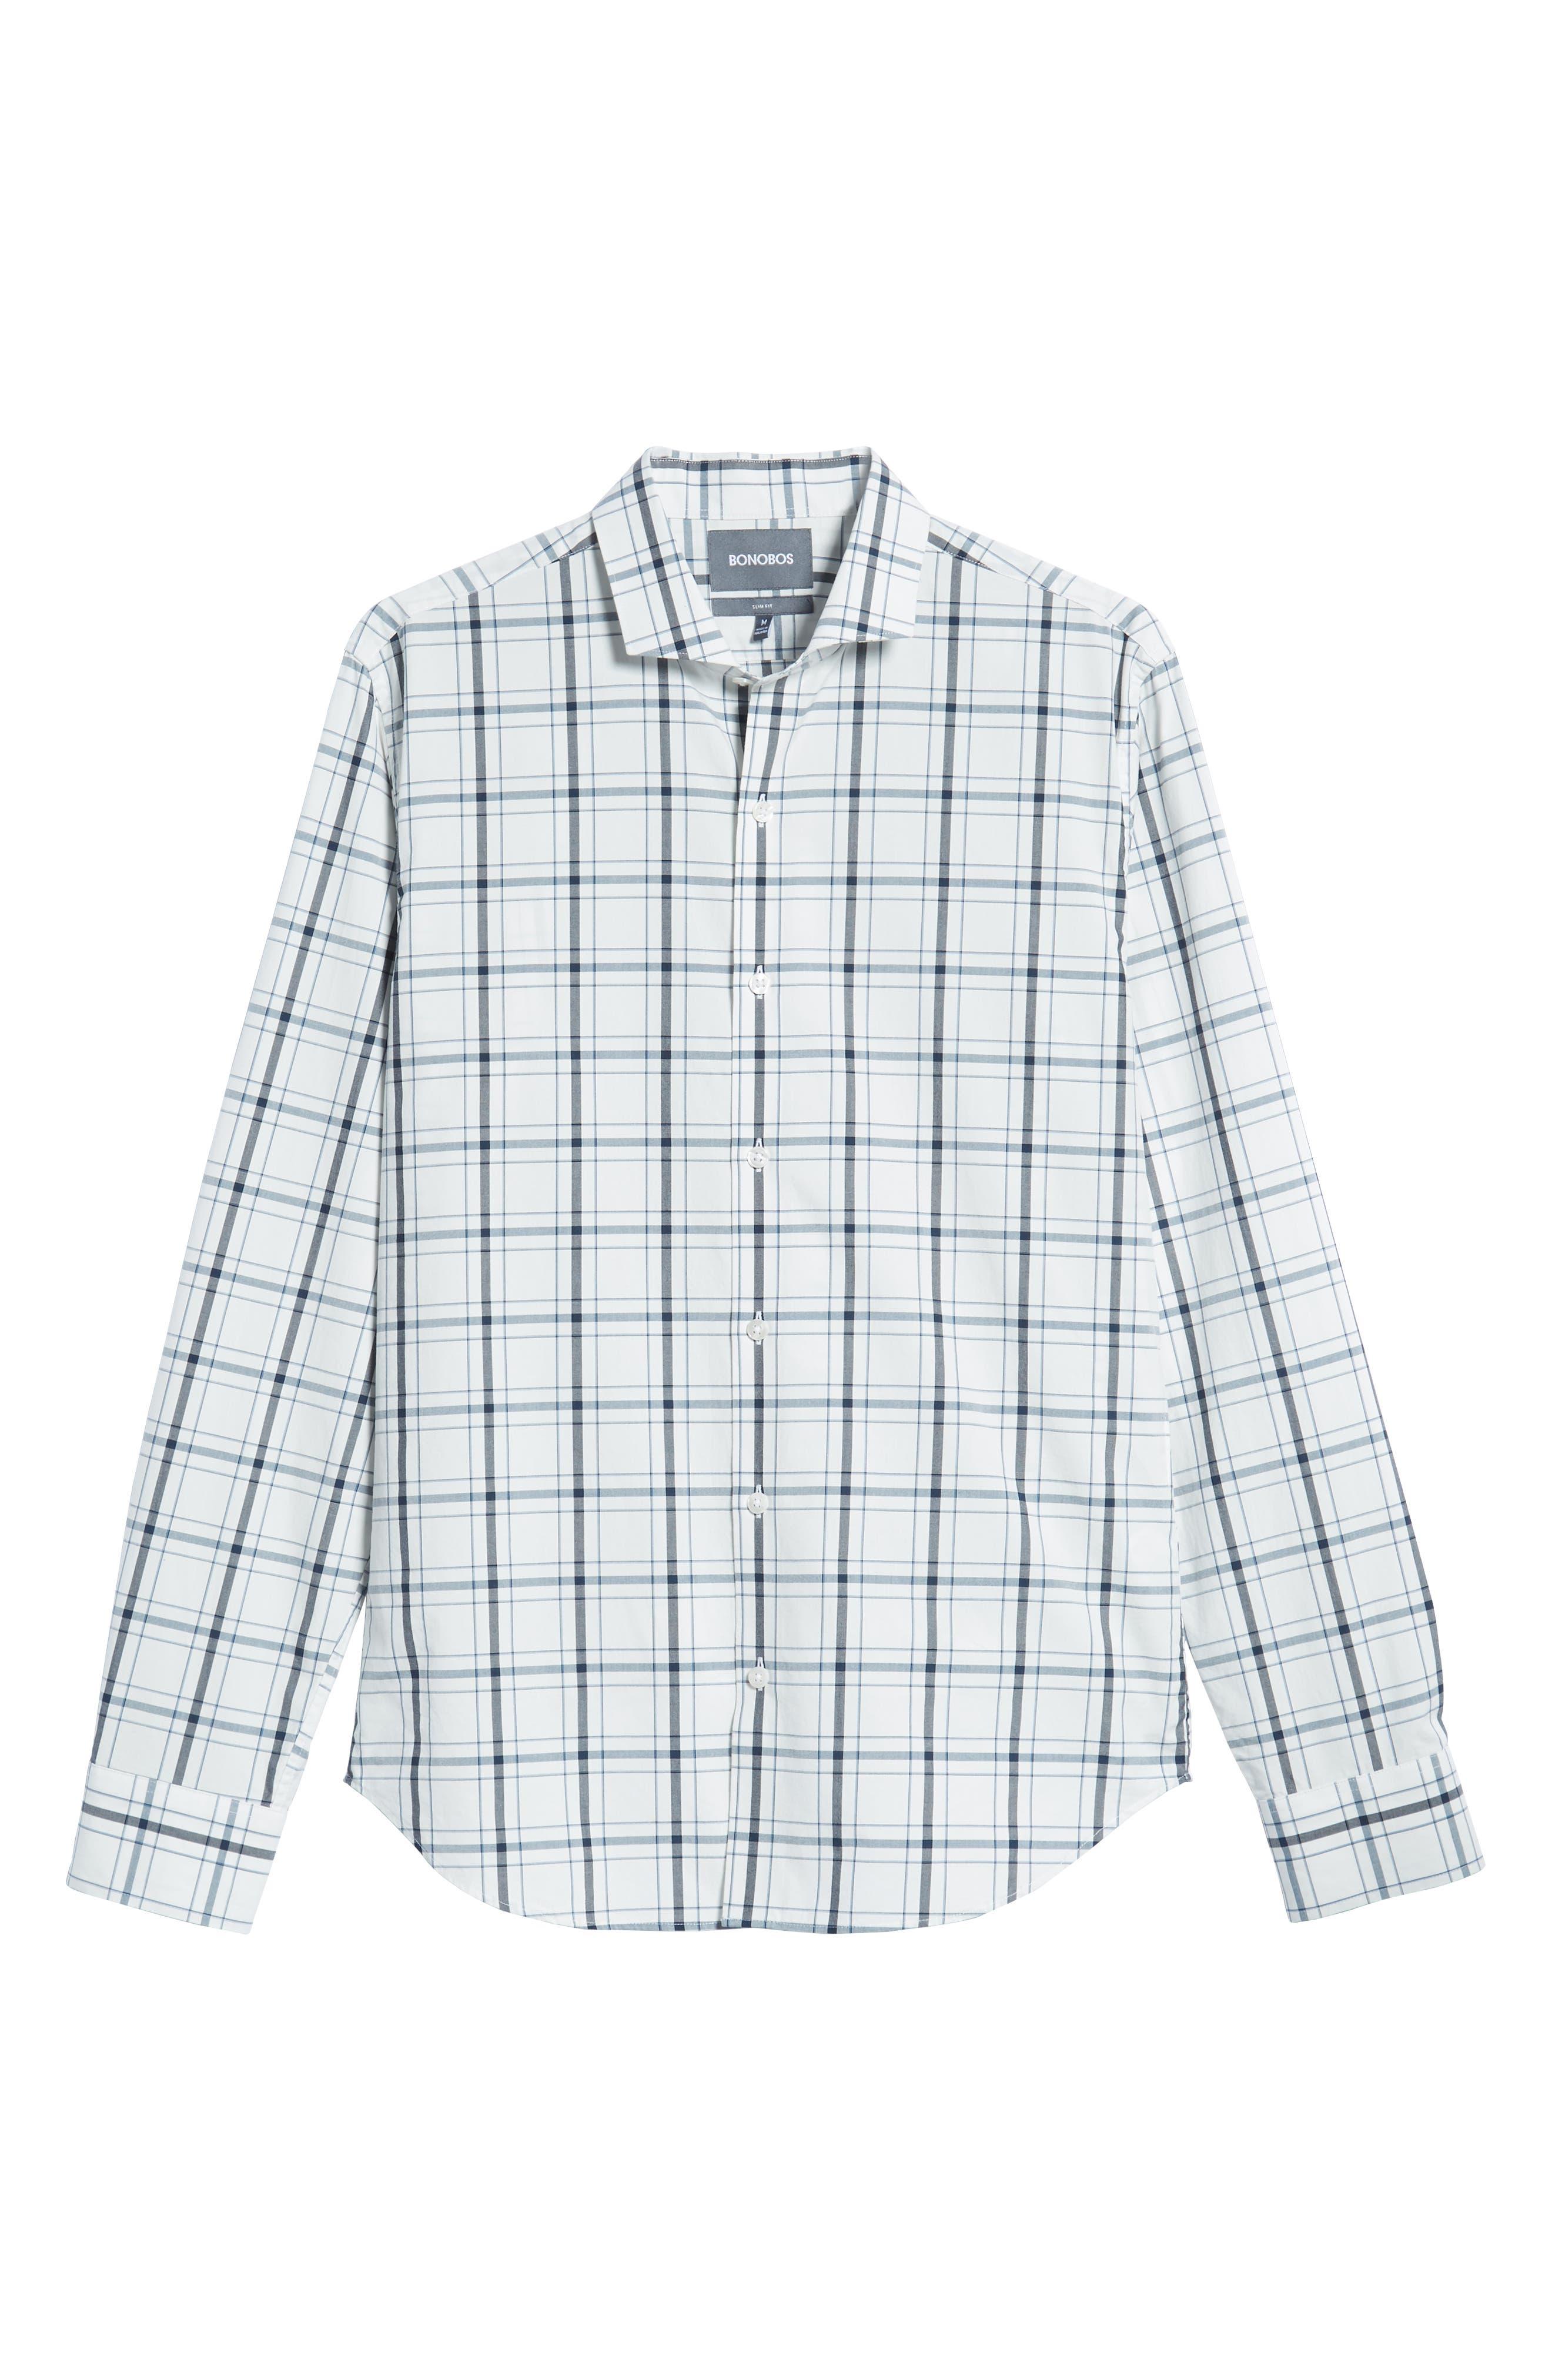 Unbutton Down Slim Fit Plaid Sport Shirt,                             Alternate thumbnail 5, color,                             GOLDHURST PLAID -BLUE JAY